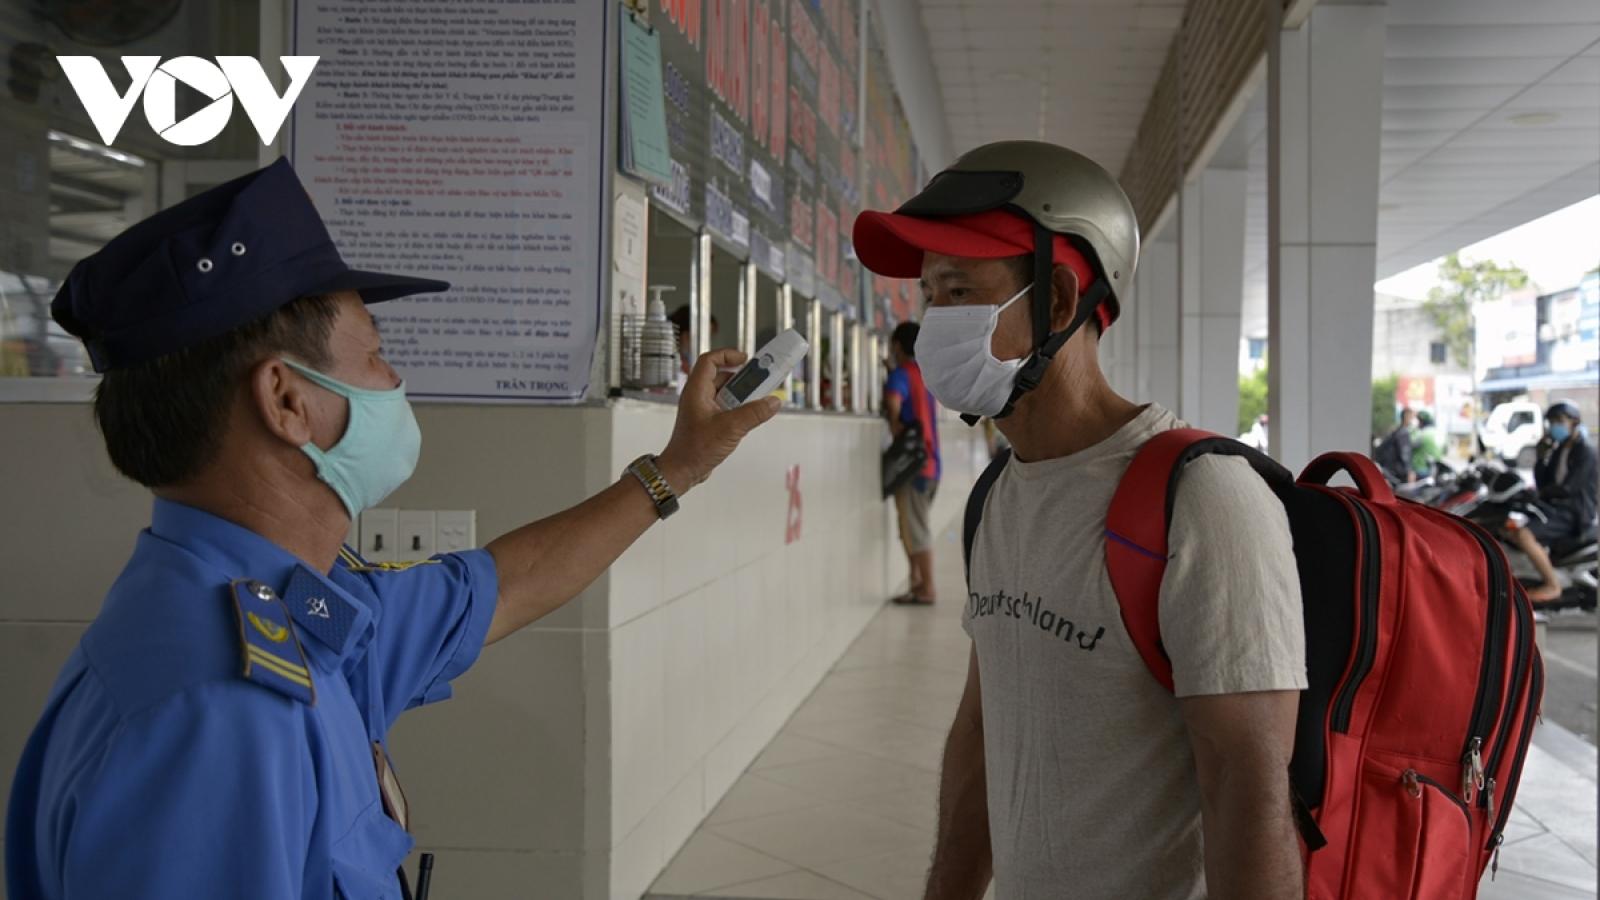 Bến Tre và Hậu Giang hỗ trợ người dân ở TP.HCM có nguyện vọng về quê hương